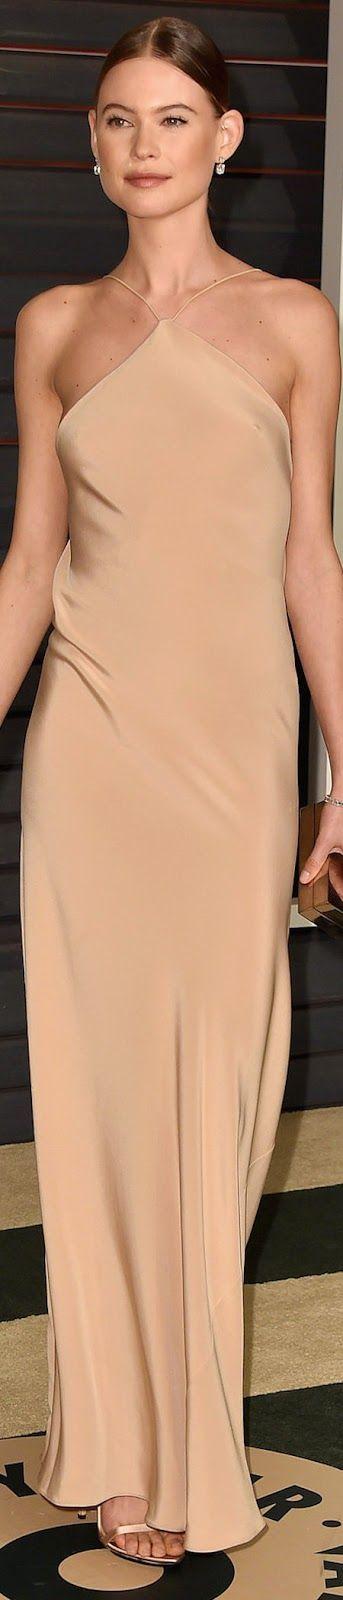 Behati Prinsloo 2015 Vanity Fair Oscar Party / Behati Prinsloo in Calvin Klein